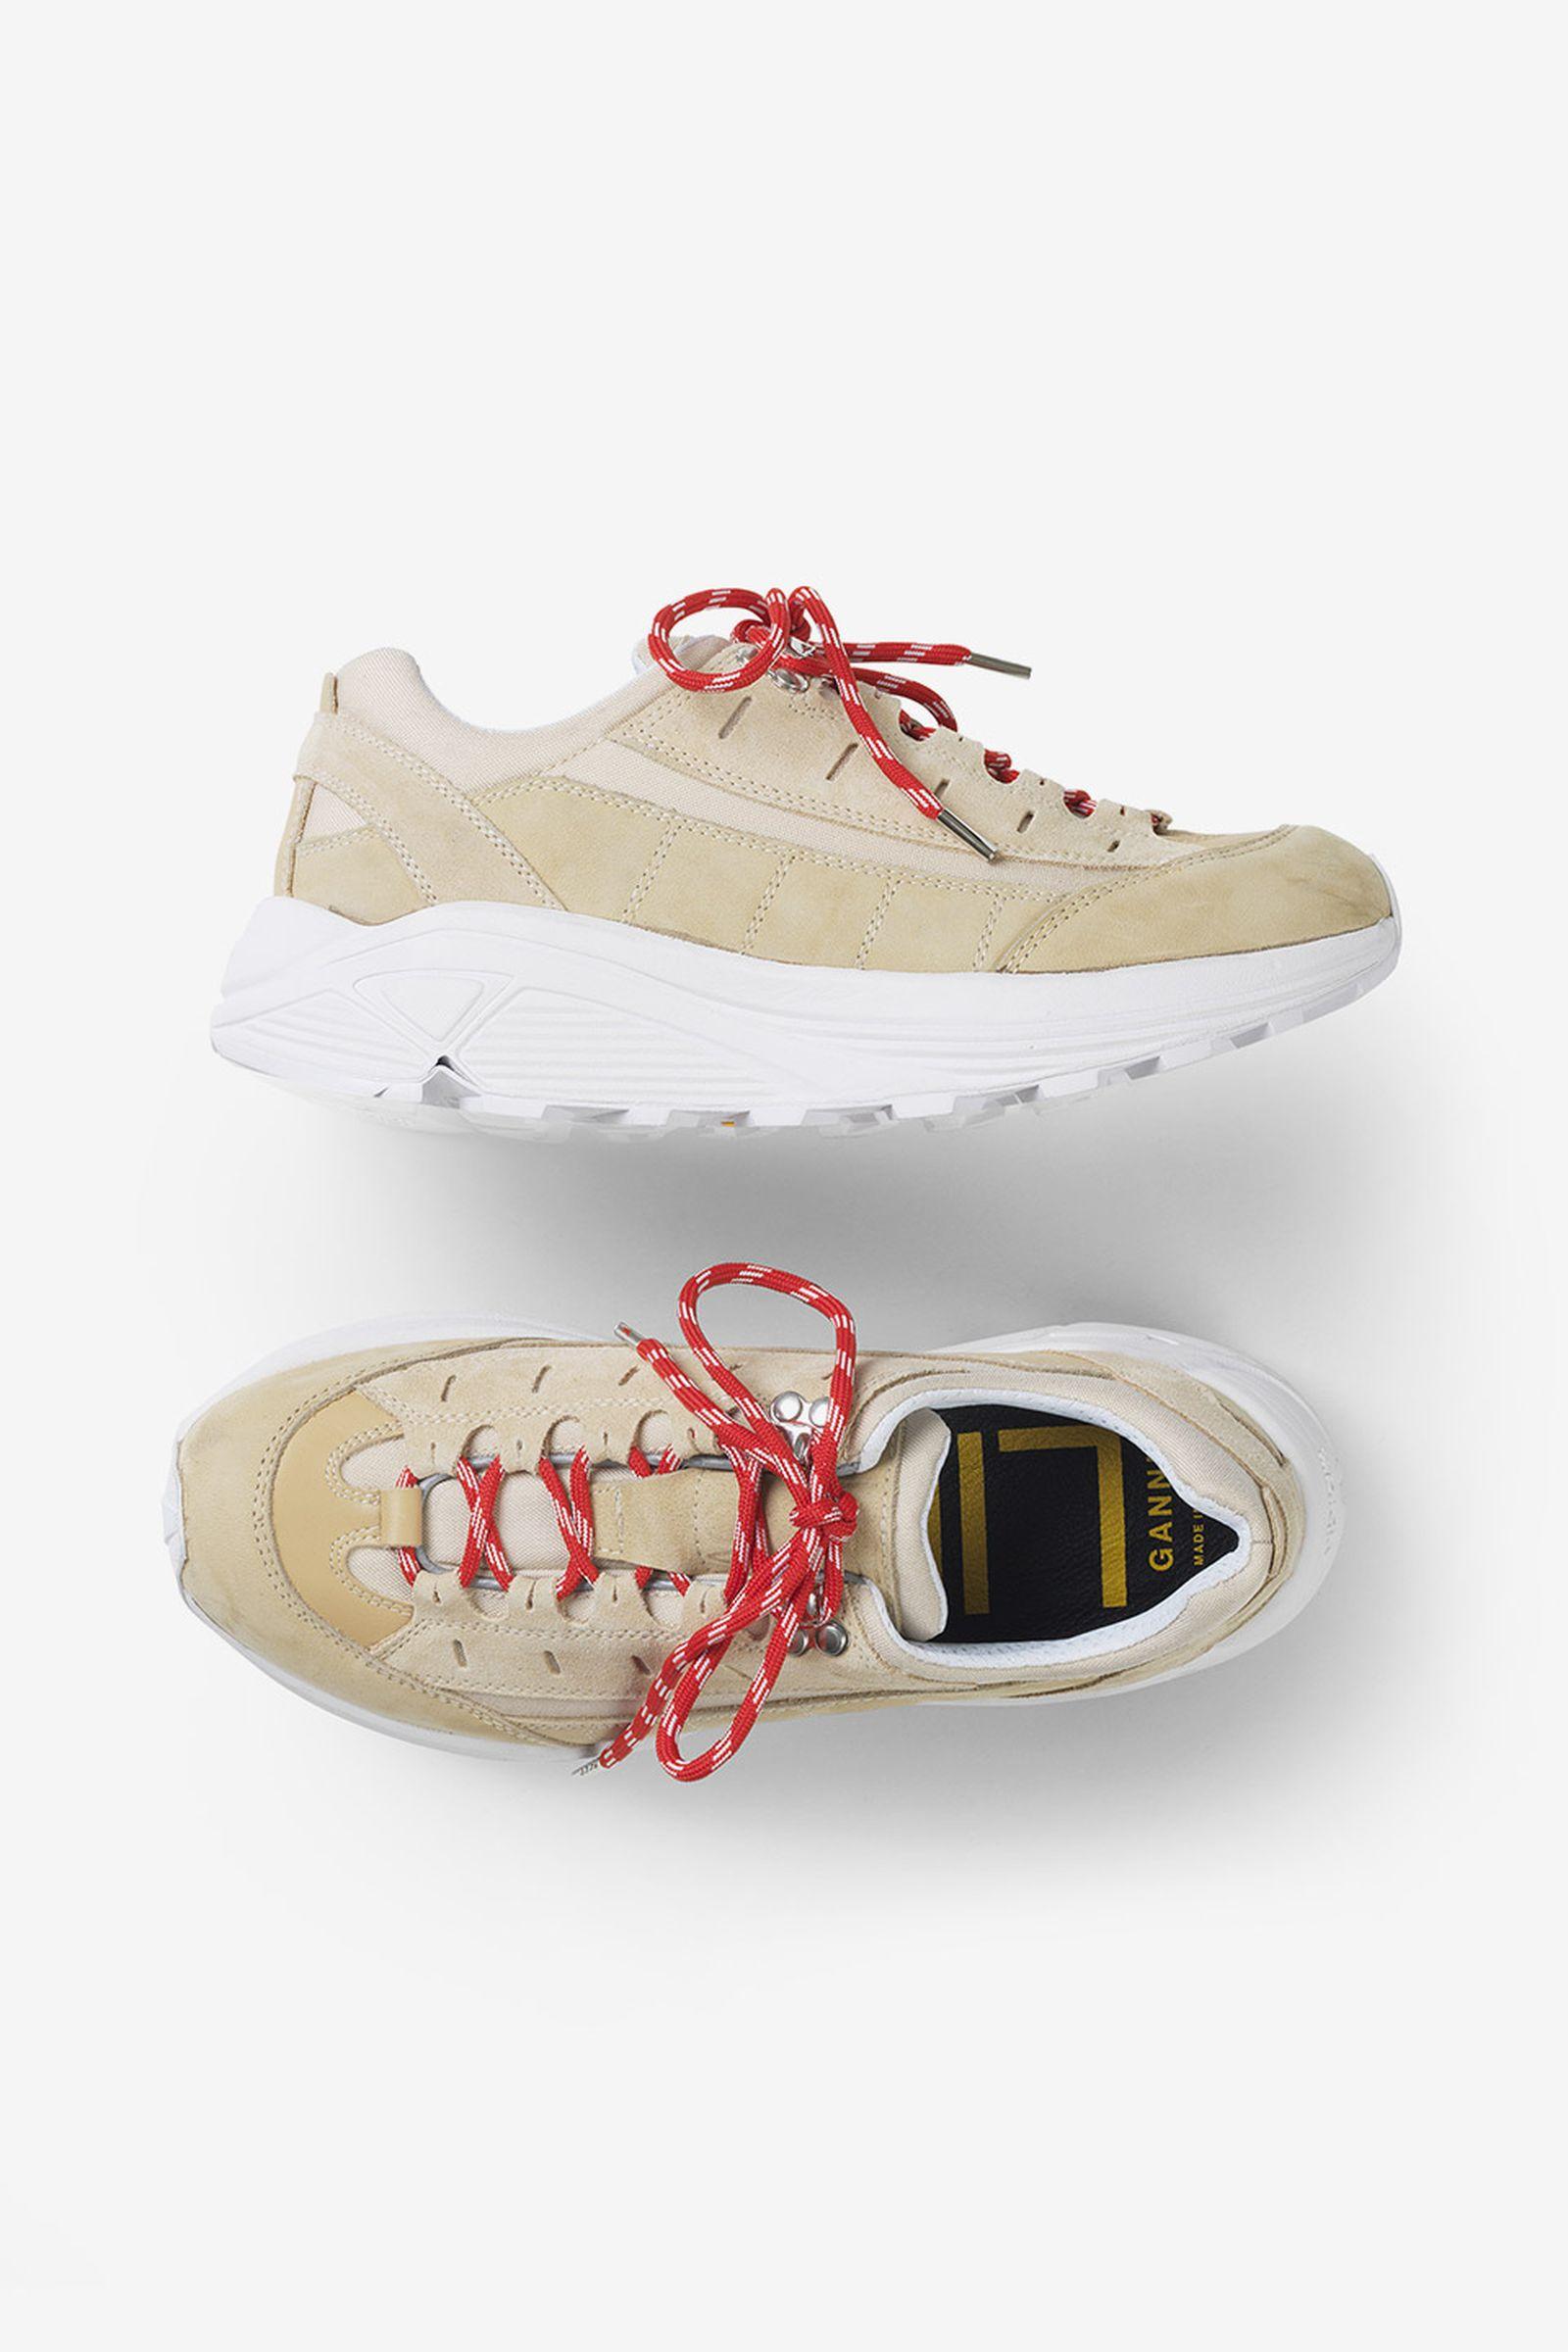 ganni diemme fw18 footwear release date price